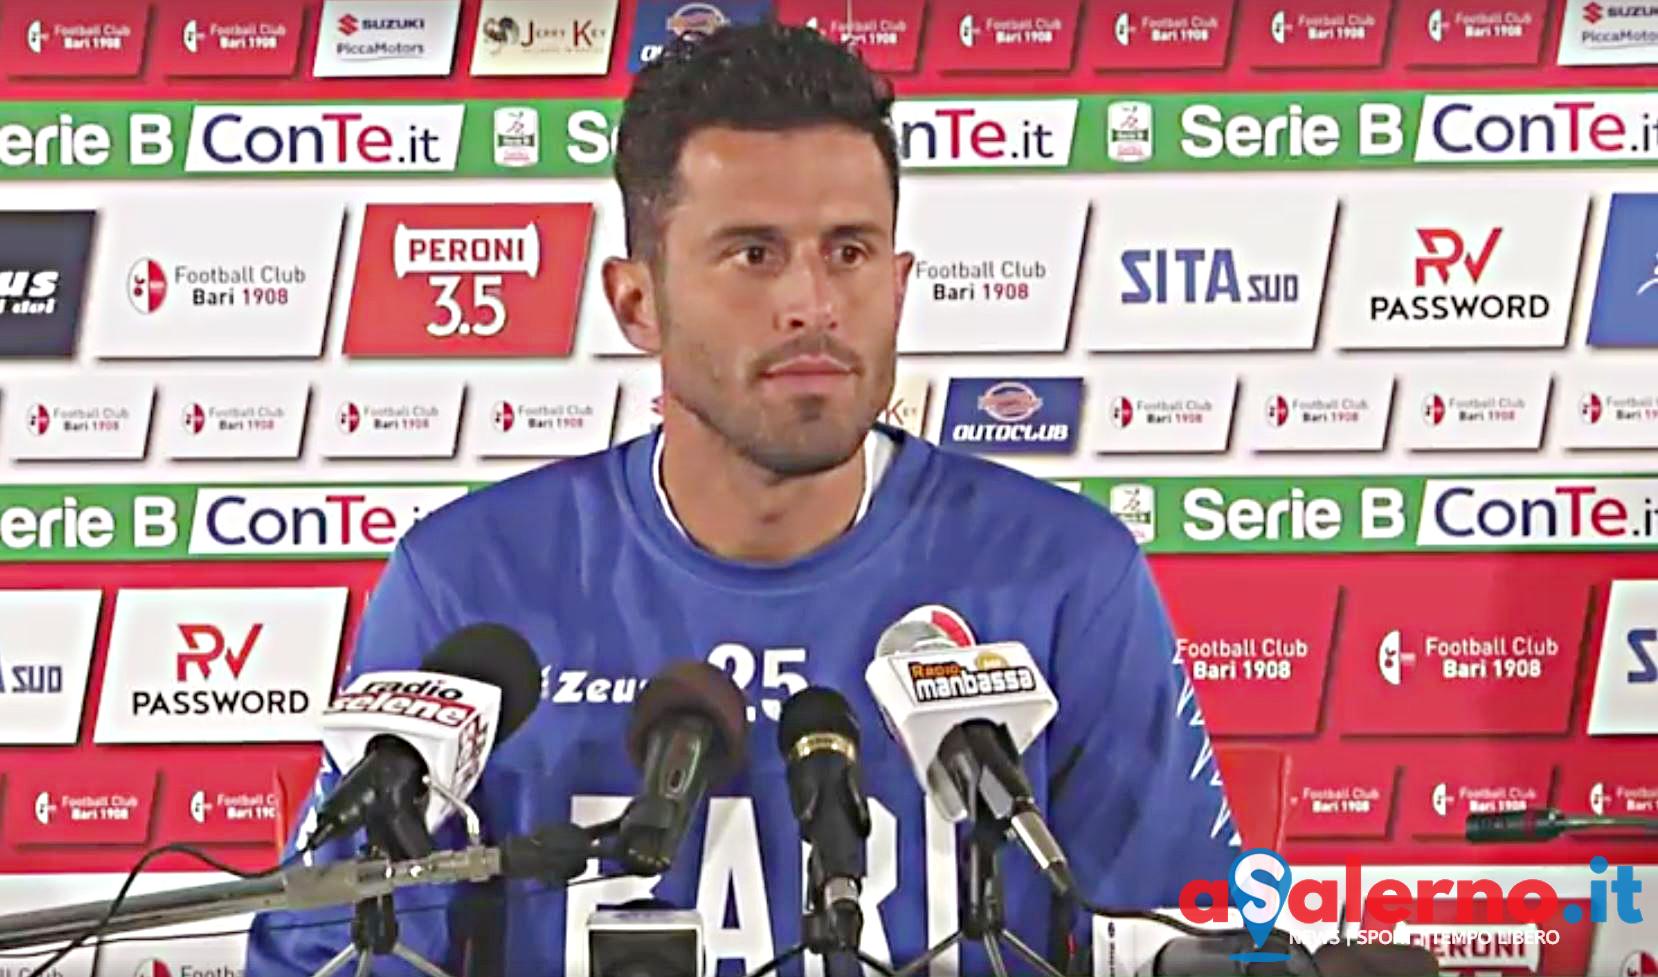 Non basta un grande Rossi, Salernitana-Bari 2-2